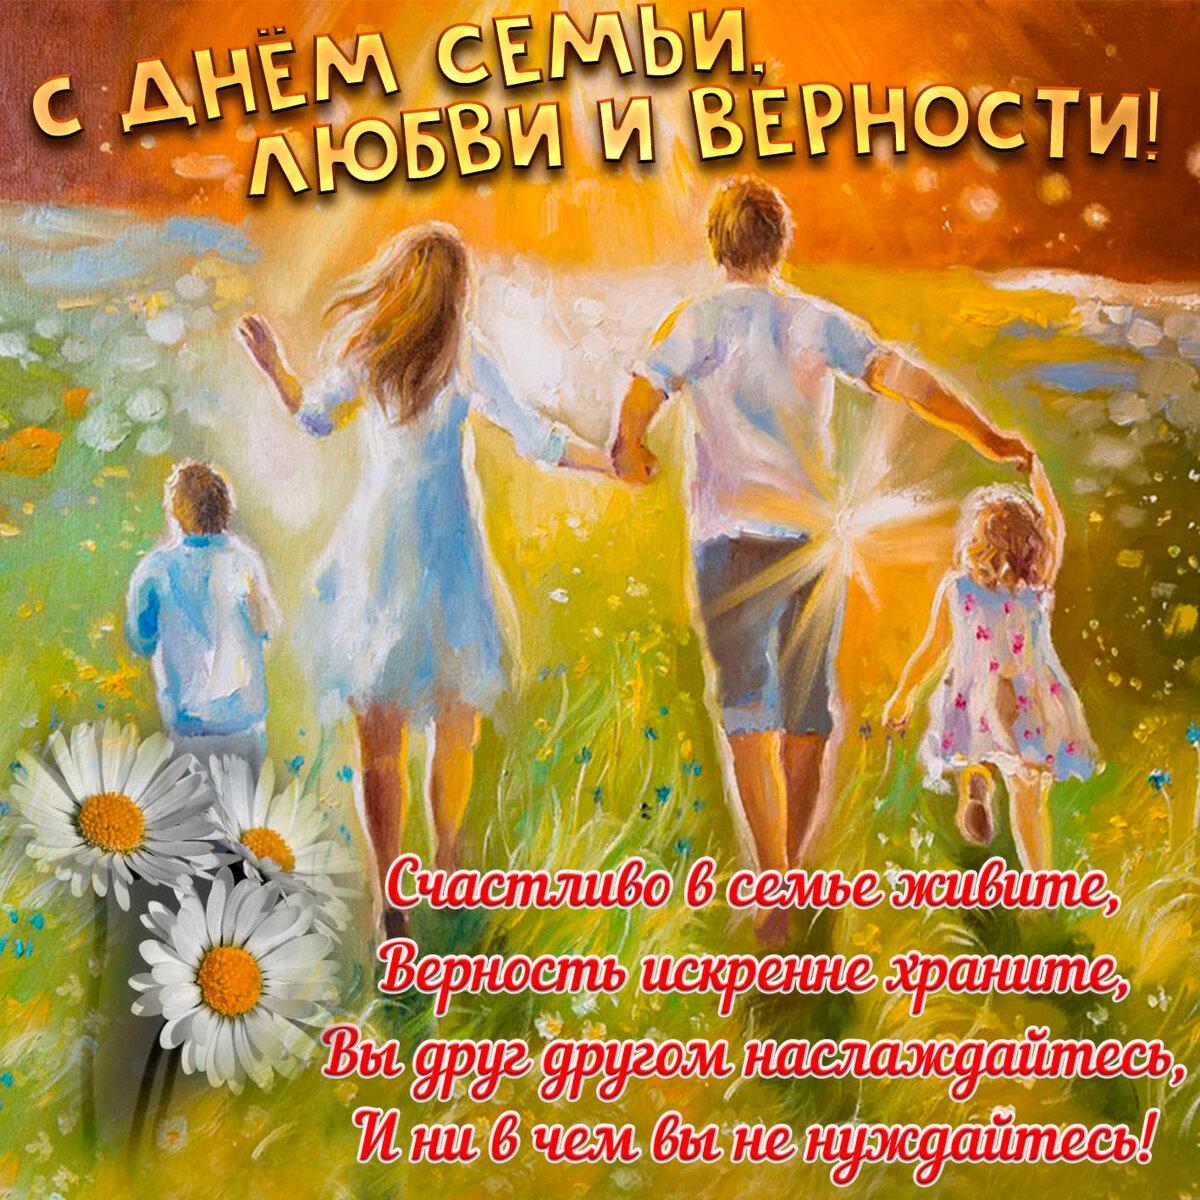 Открытки на день семьи любви руки, поздравлением дню